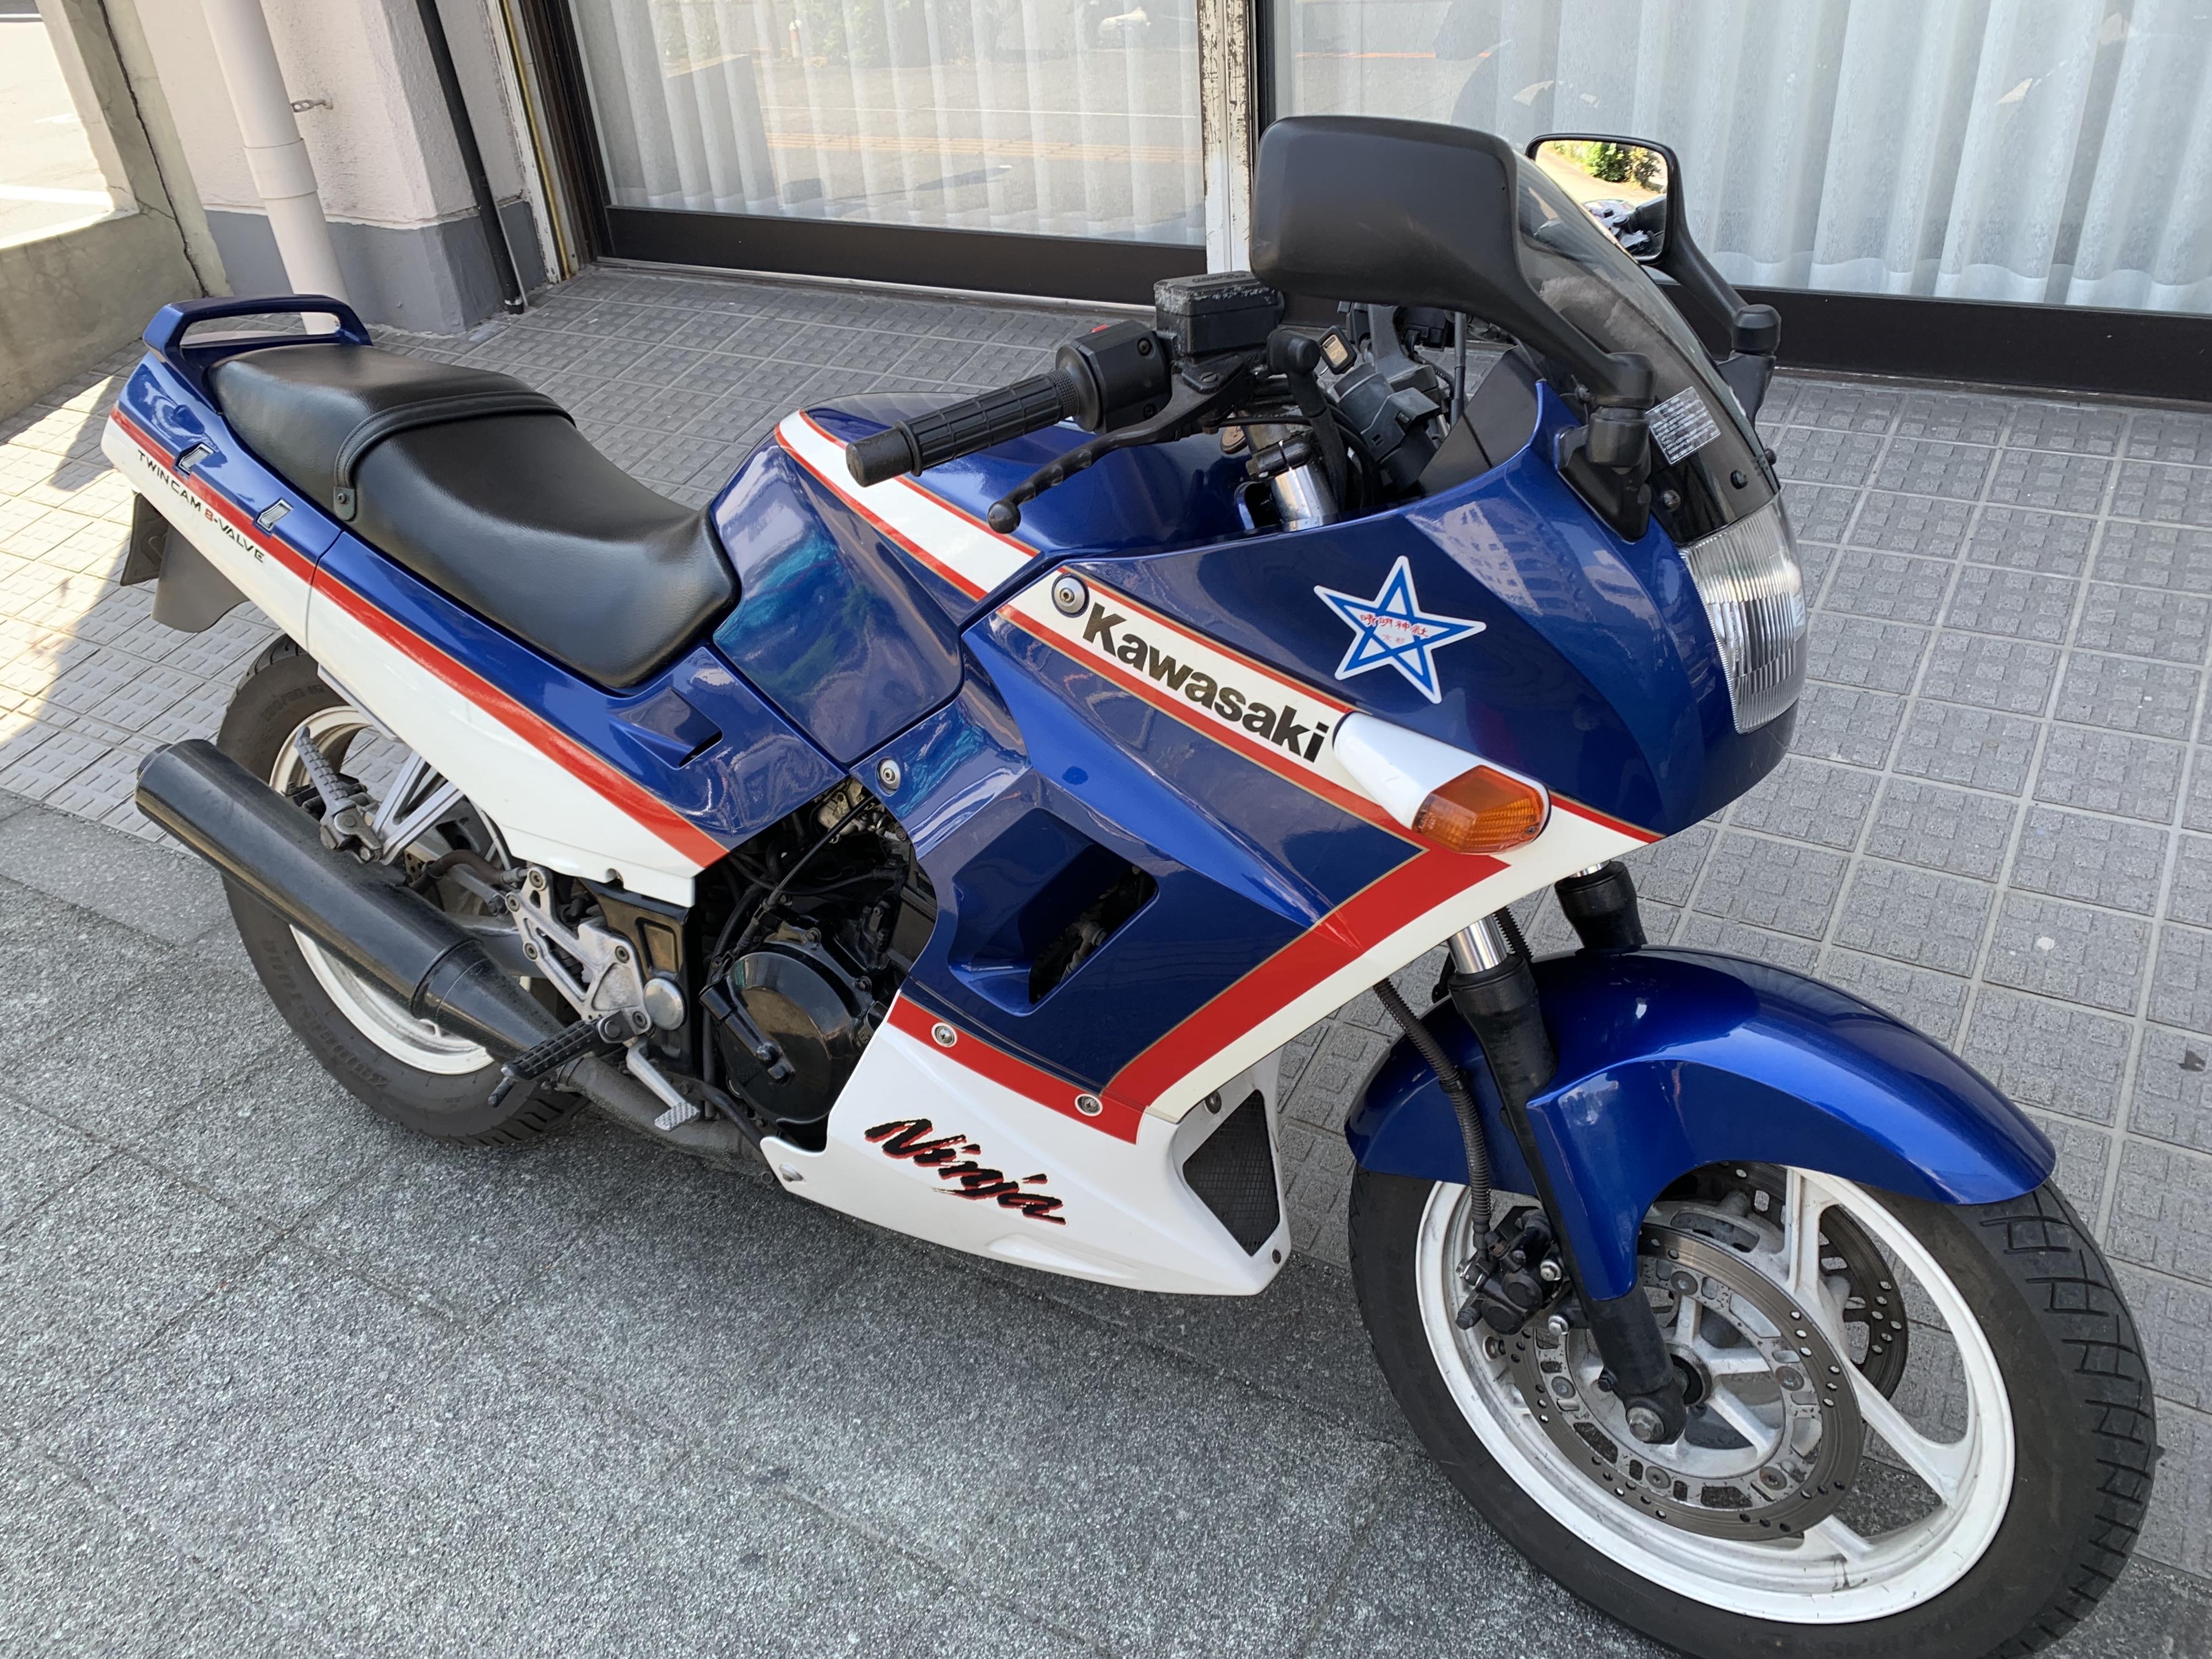 DFYYQ Carburador de la Motocicleta Mantenimiento Jet Kit de reparaci/ón for GV250 for UM V2C-250T